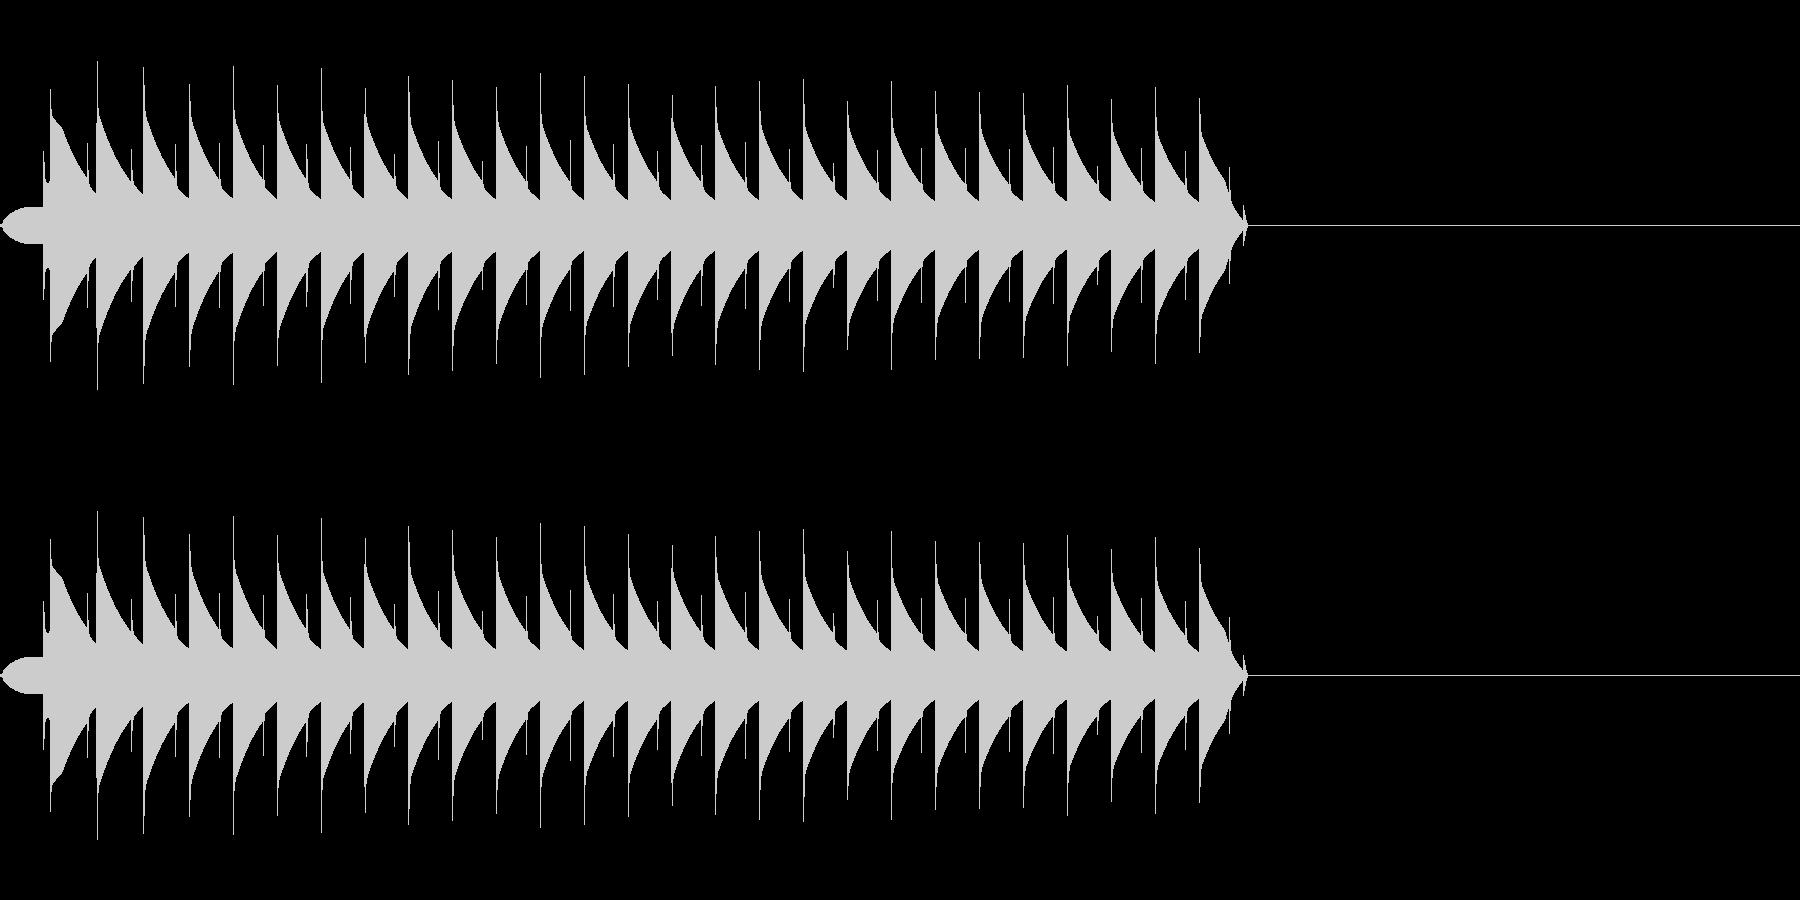 ブー(ミス、エラー、失敗、ファミコンの未再生の波形